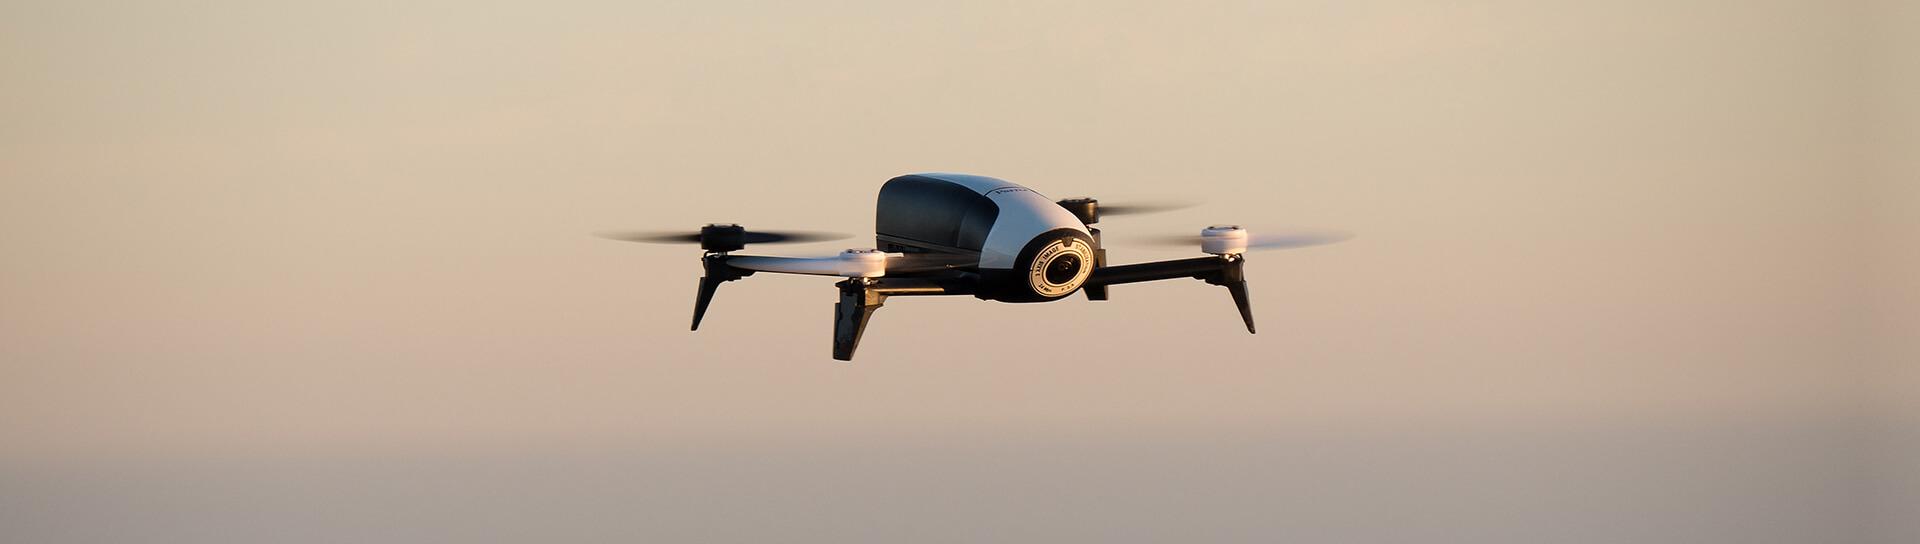 Drone Bebop 2 de Parrot en RO-BOTICA tu tienda de robots voladores y educativos